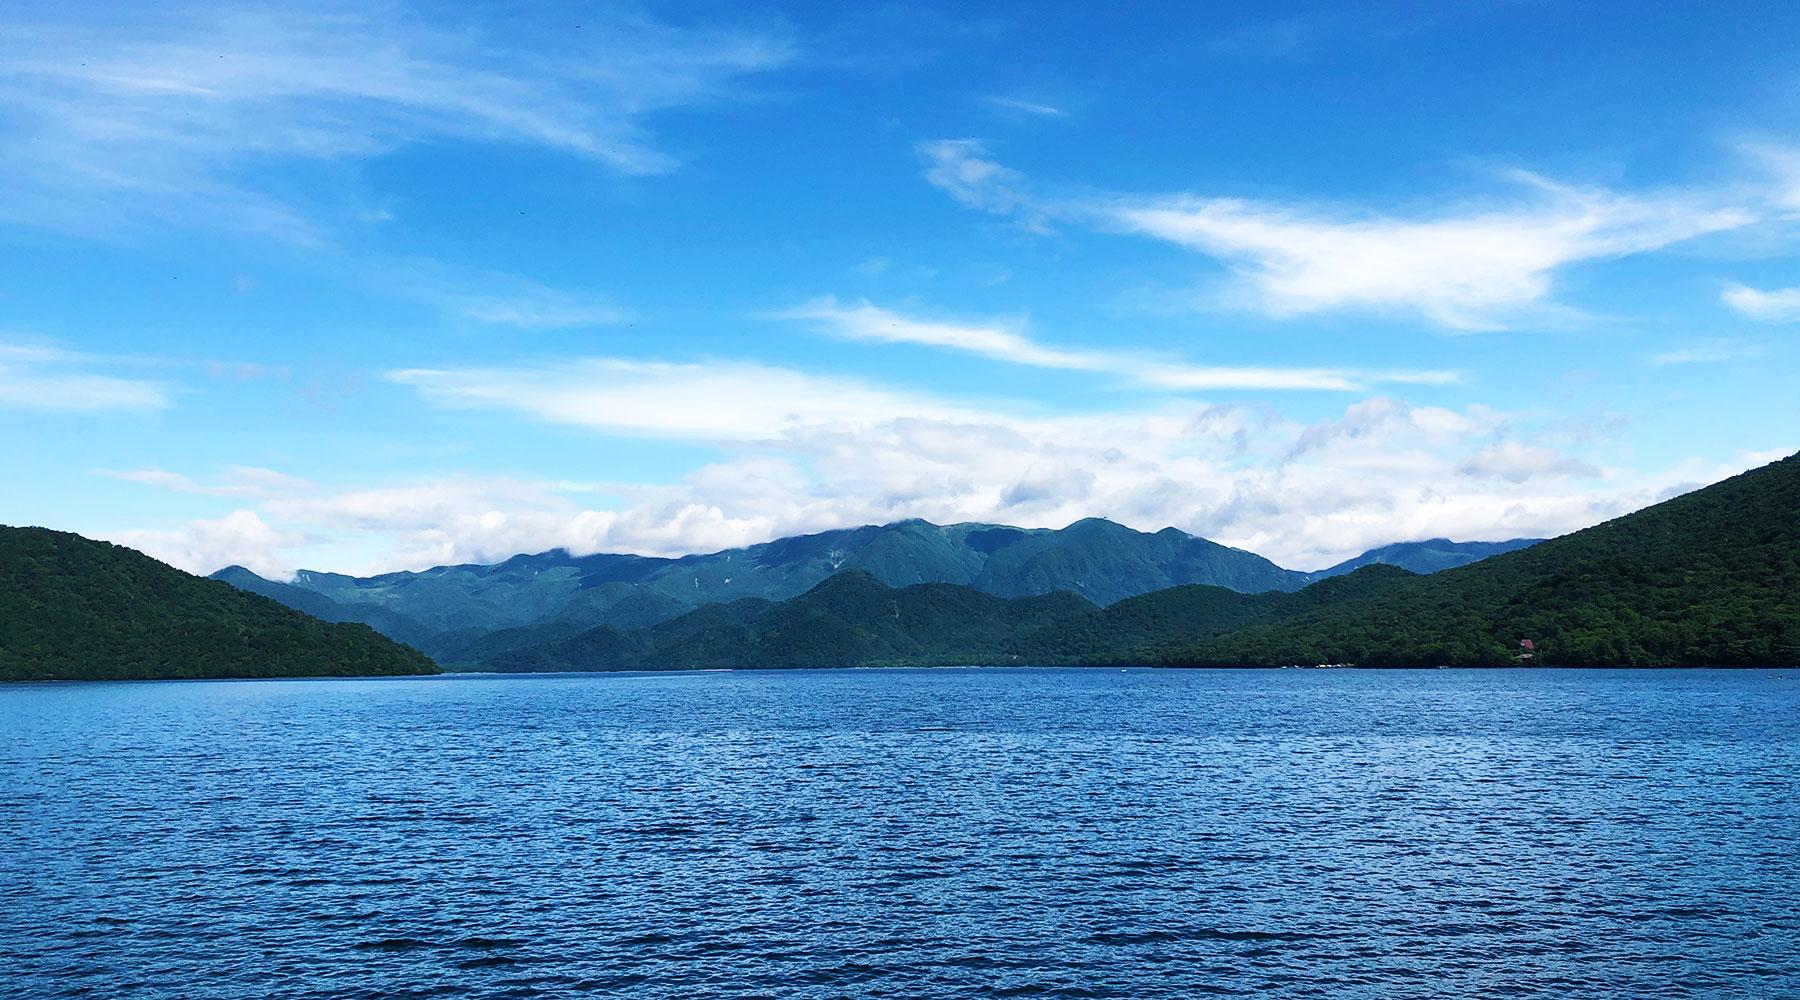 中禅寺湖東岸から見た日光白根山方面